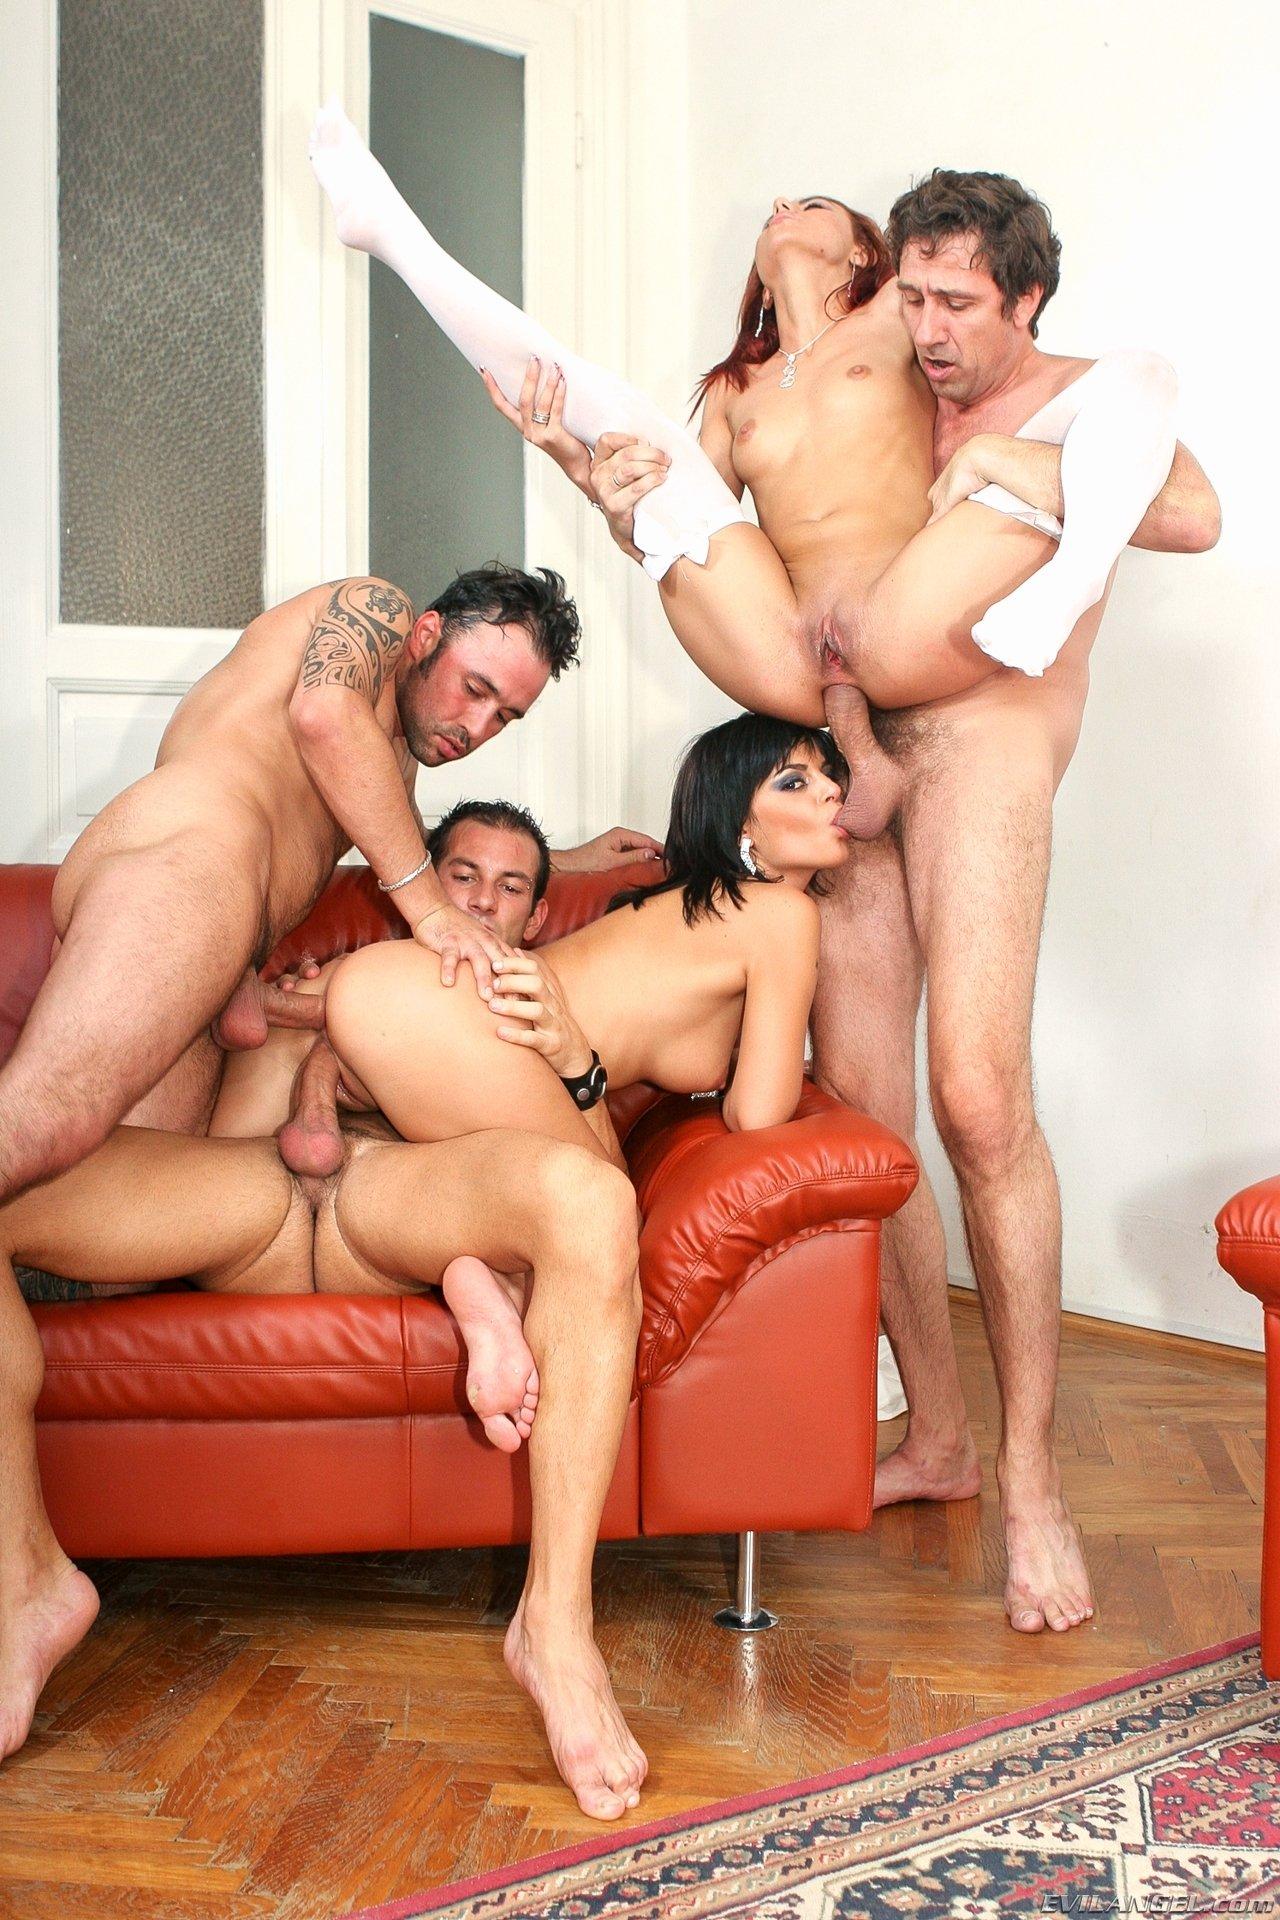 Hot Milf Group Sex